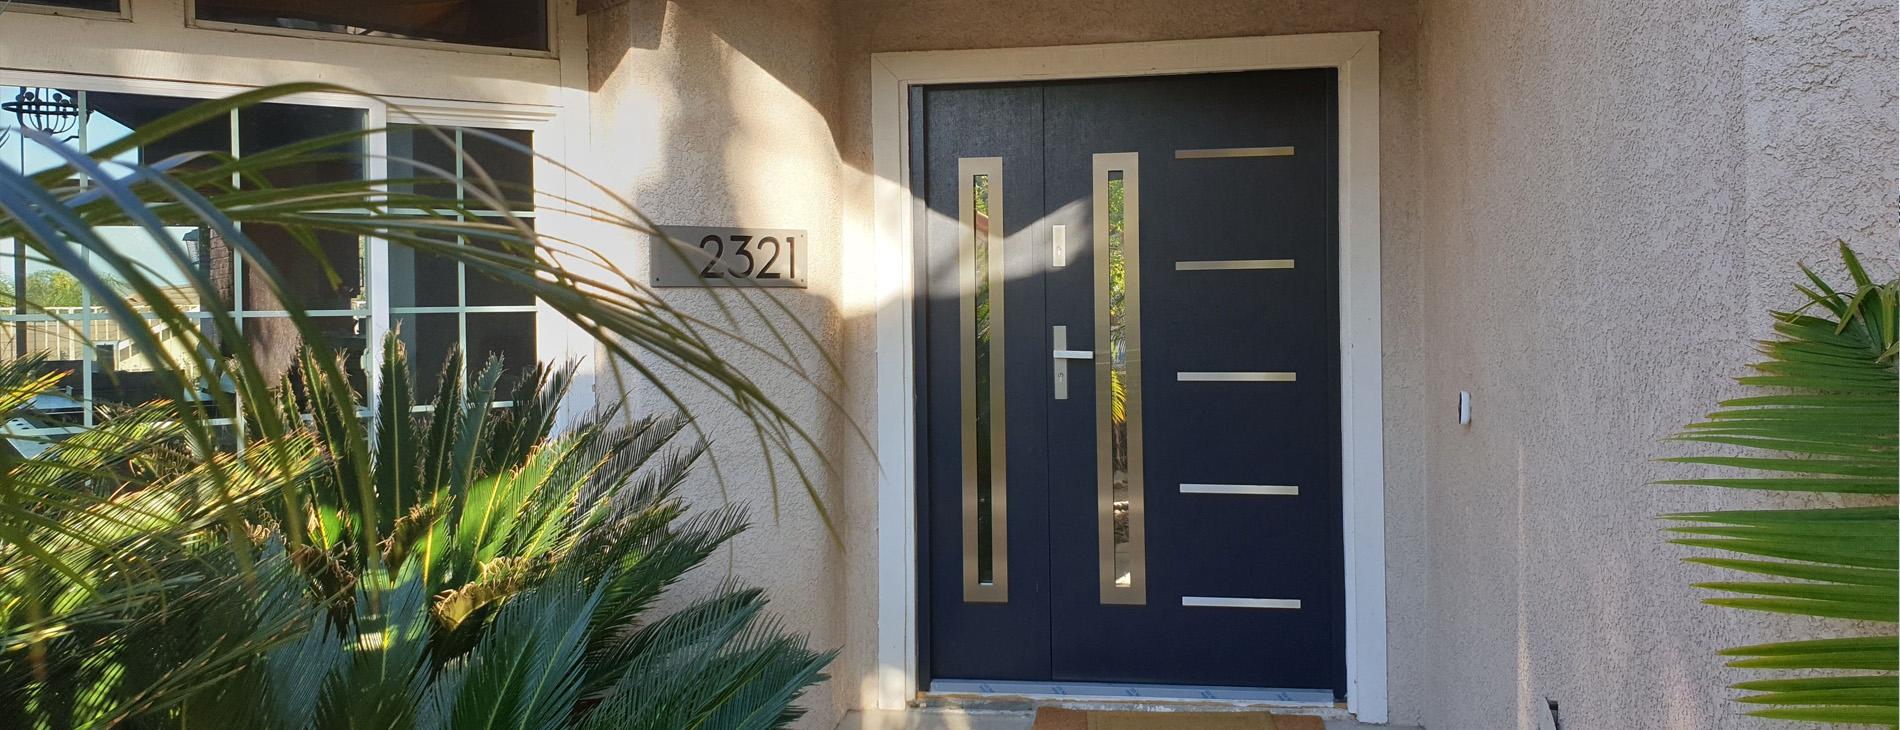 https://domadeco.com/doors/external-double-doors.html